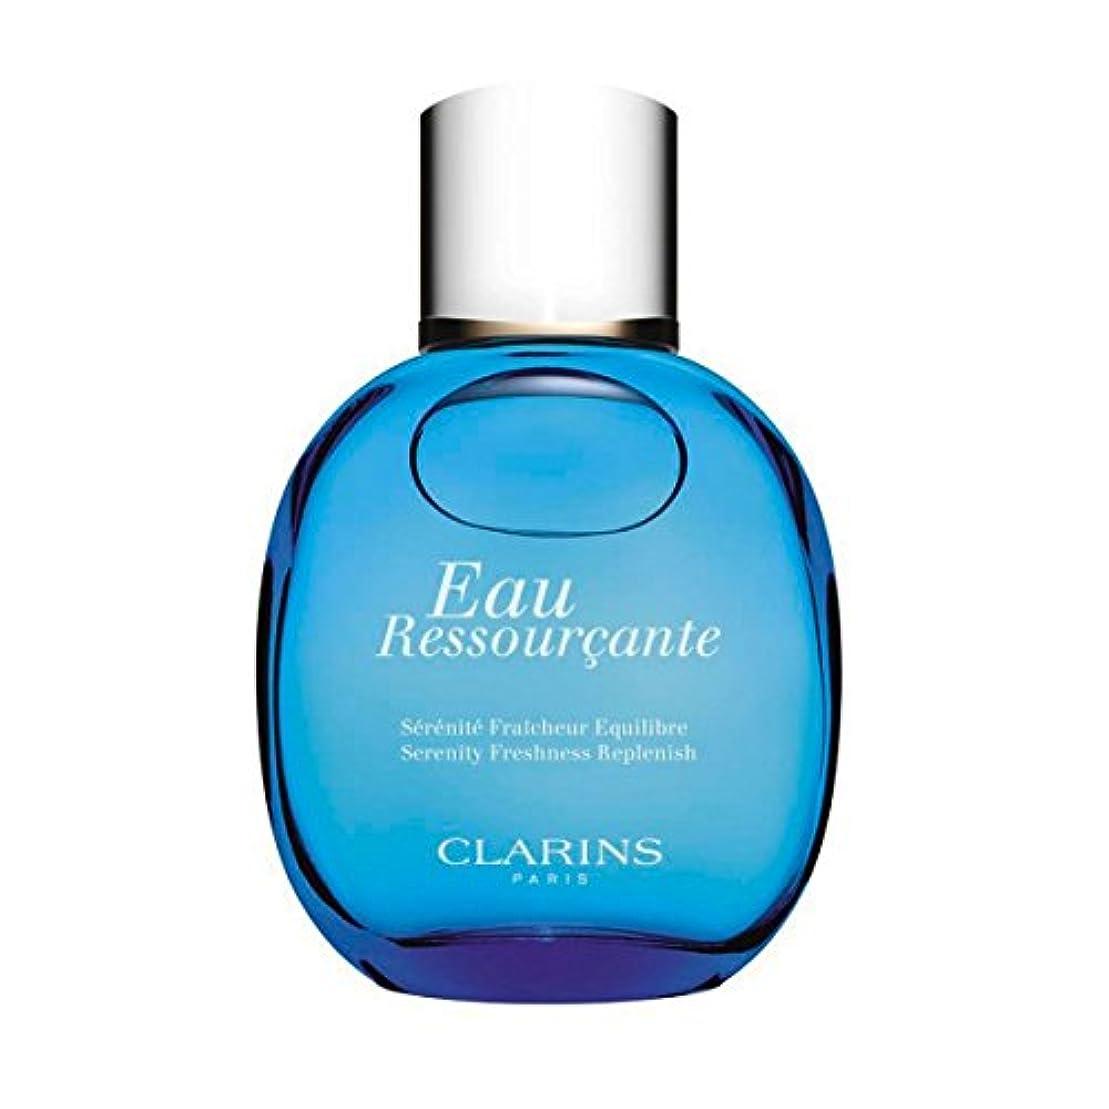 頑丈ロビーマーカーClarins Eau Ressour軋nte Treatment Fragrance 100ml [並行輸入品]